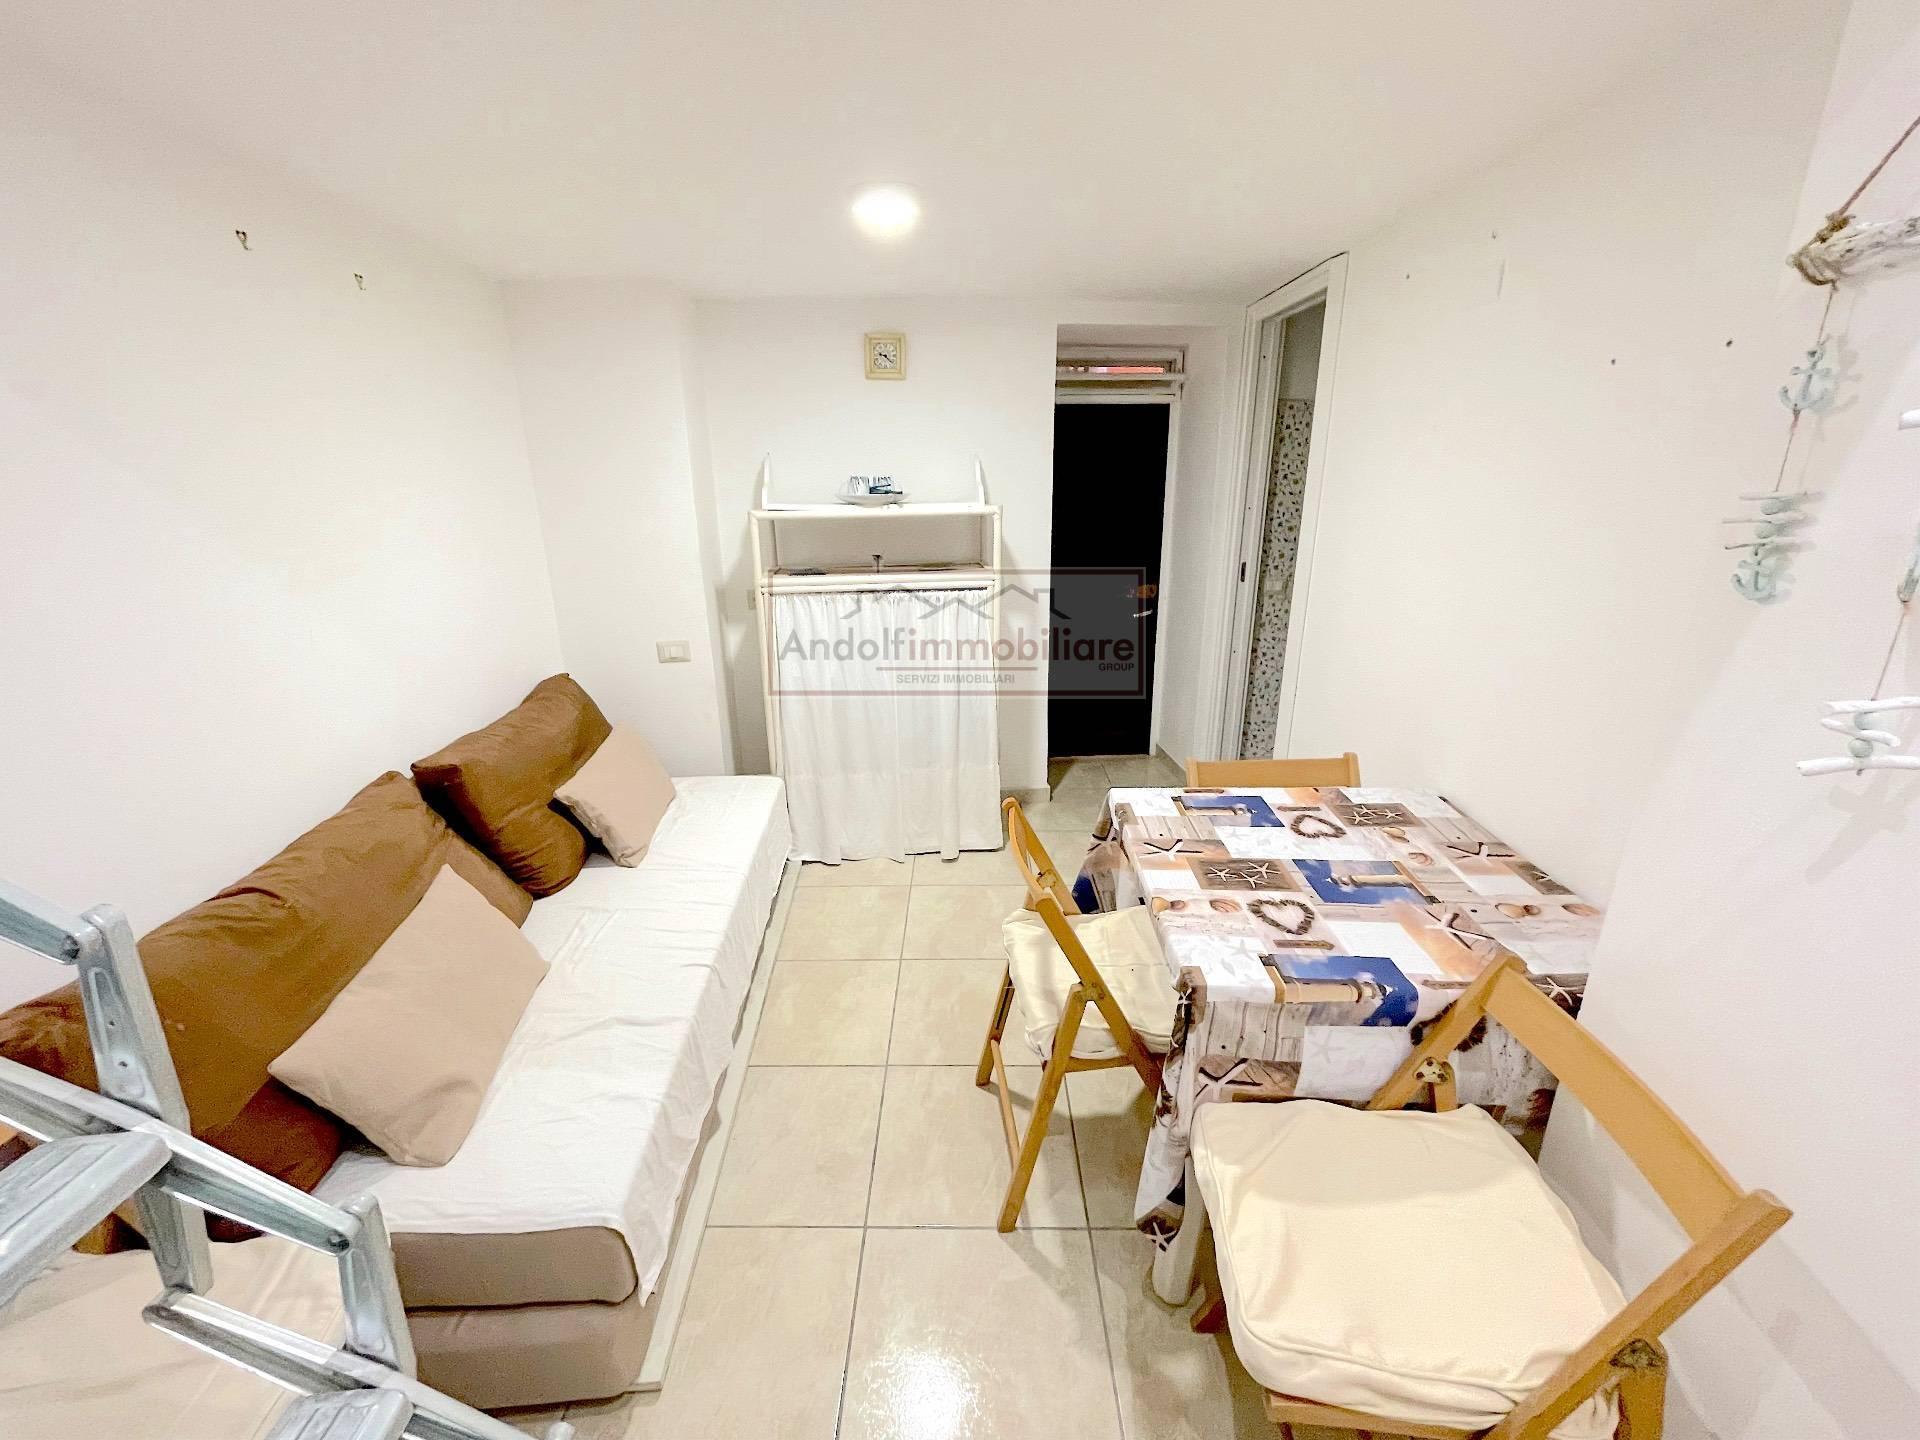 Appartamento in vendita a Gaeta, 2 locali, prezzo € 55.000 | CambioCasa.it